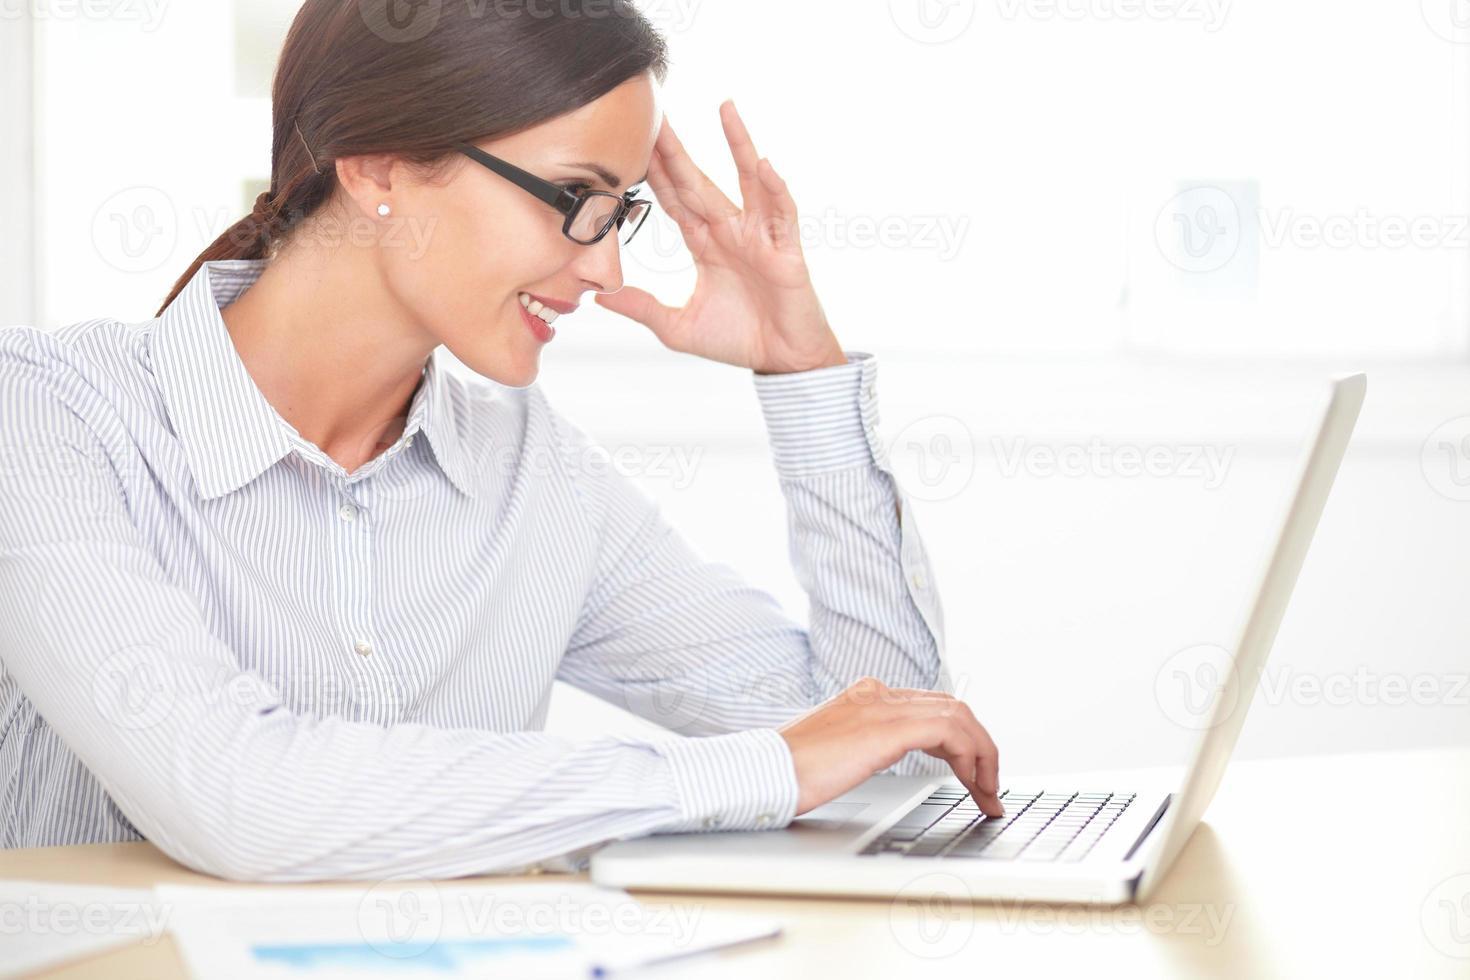 executivo feminino encantador, trabalhando no computador foto